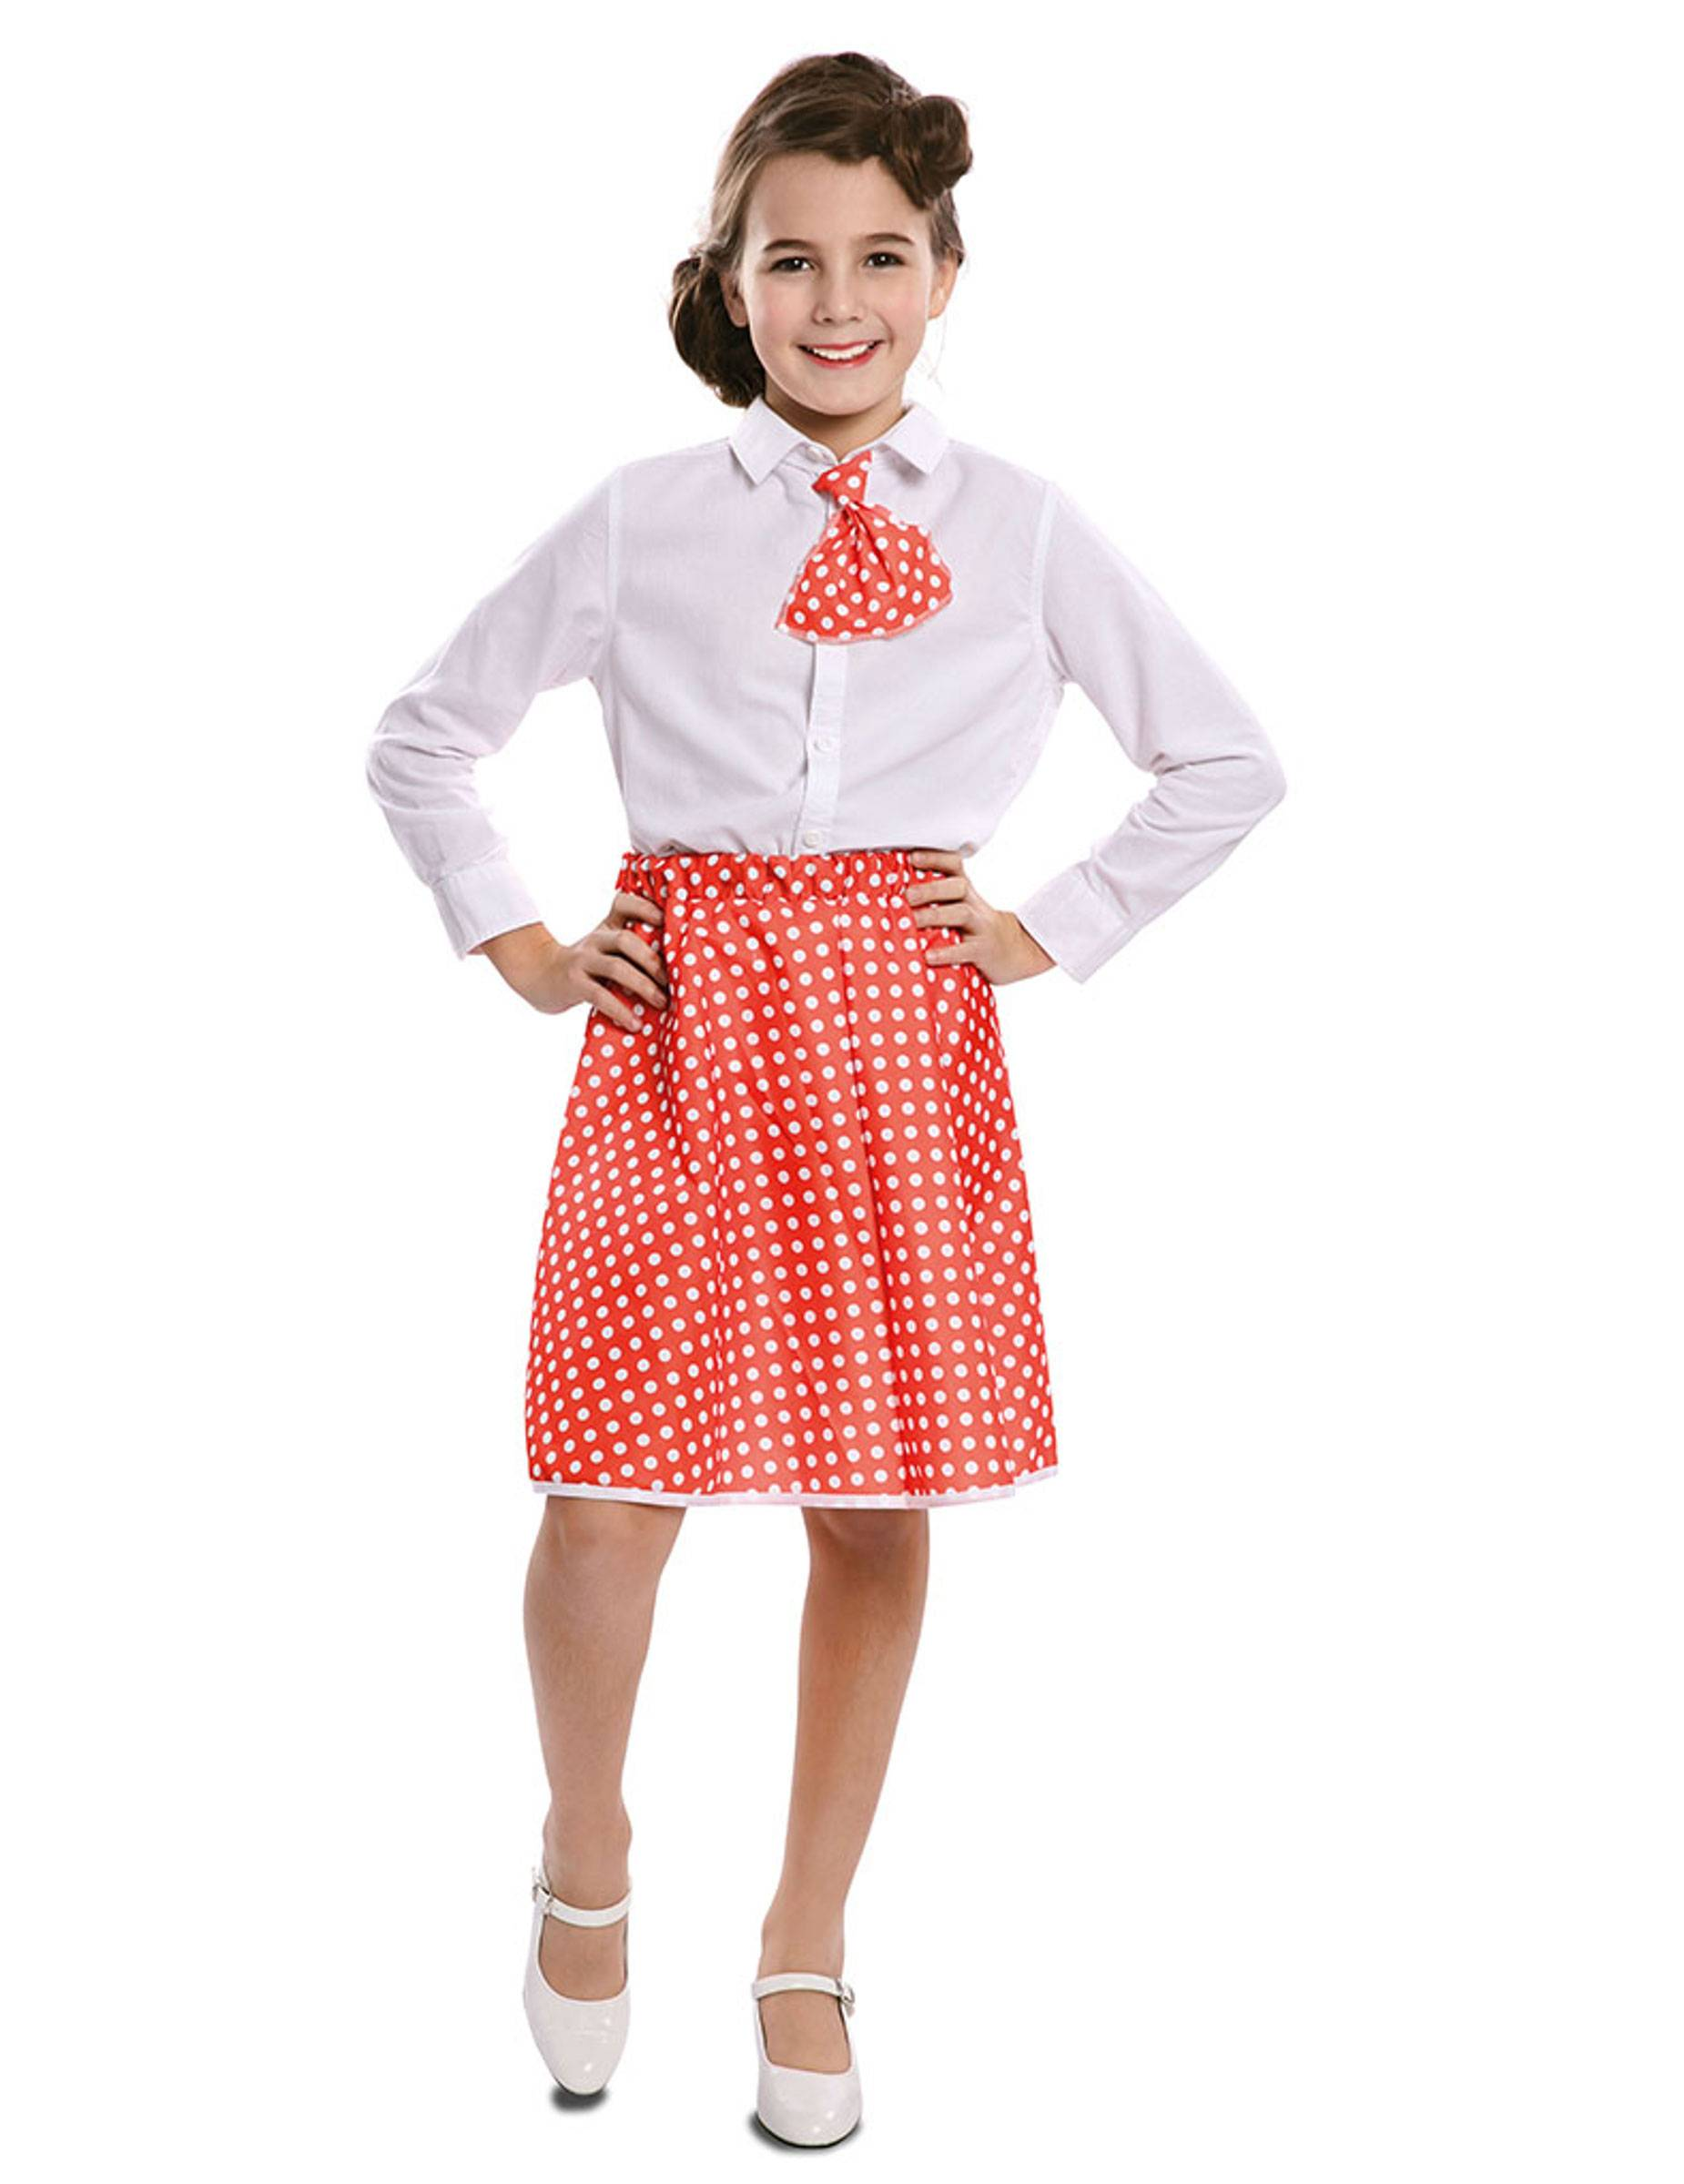 Vegaoo.es Falda con pañuelo pin up rojo niña - 7 à 9 ans (122-138 cm)